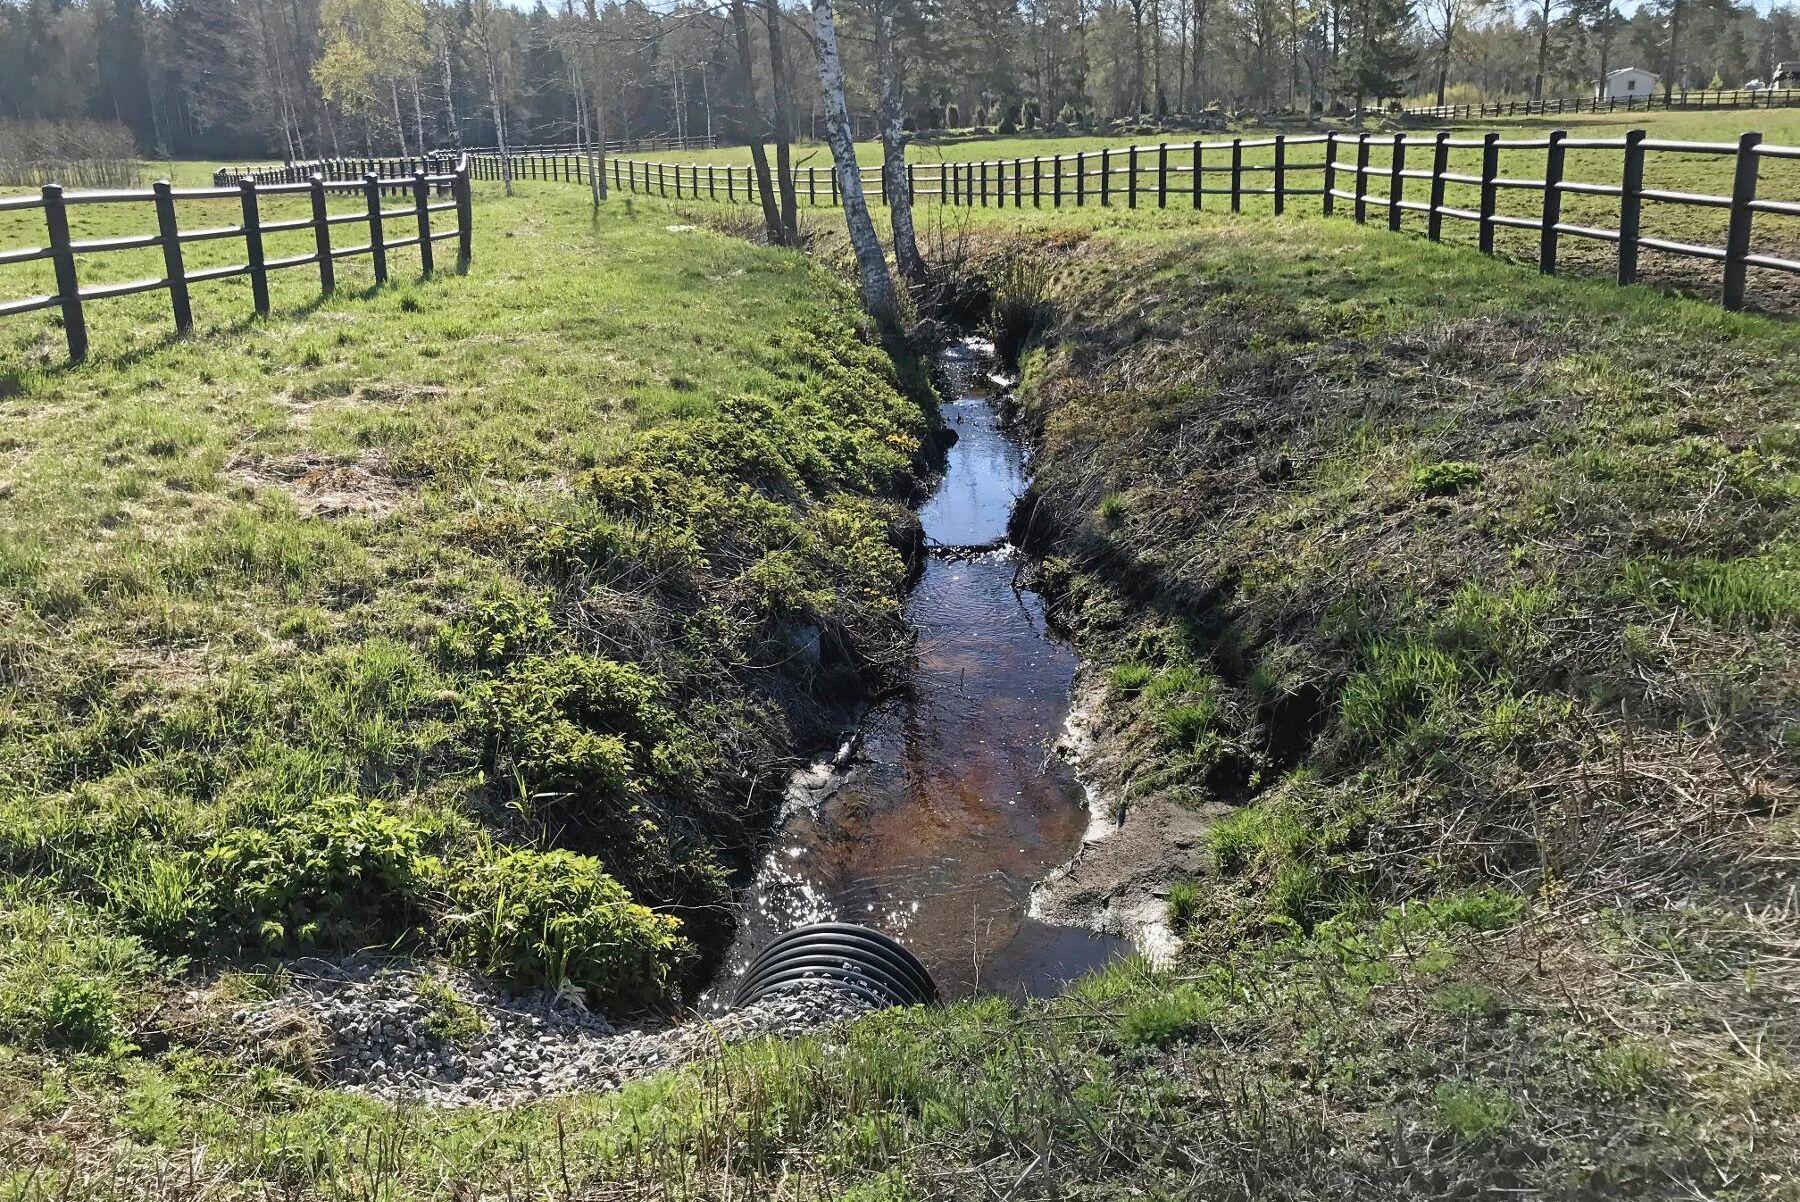 Inom Julmyra Horse Center har det genomförts stora åtgärder för att förbättra hagmiljöer och minska näringsläckage.